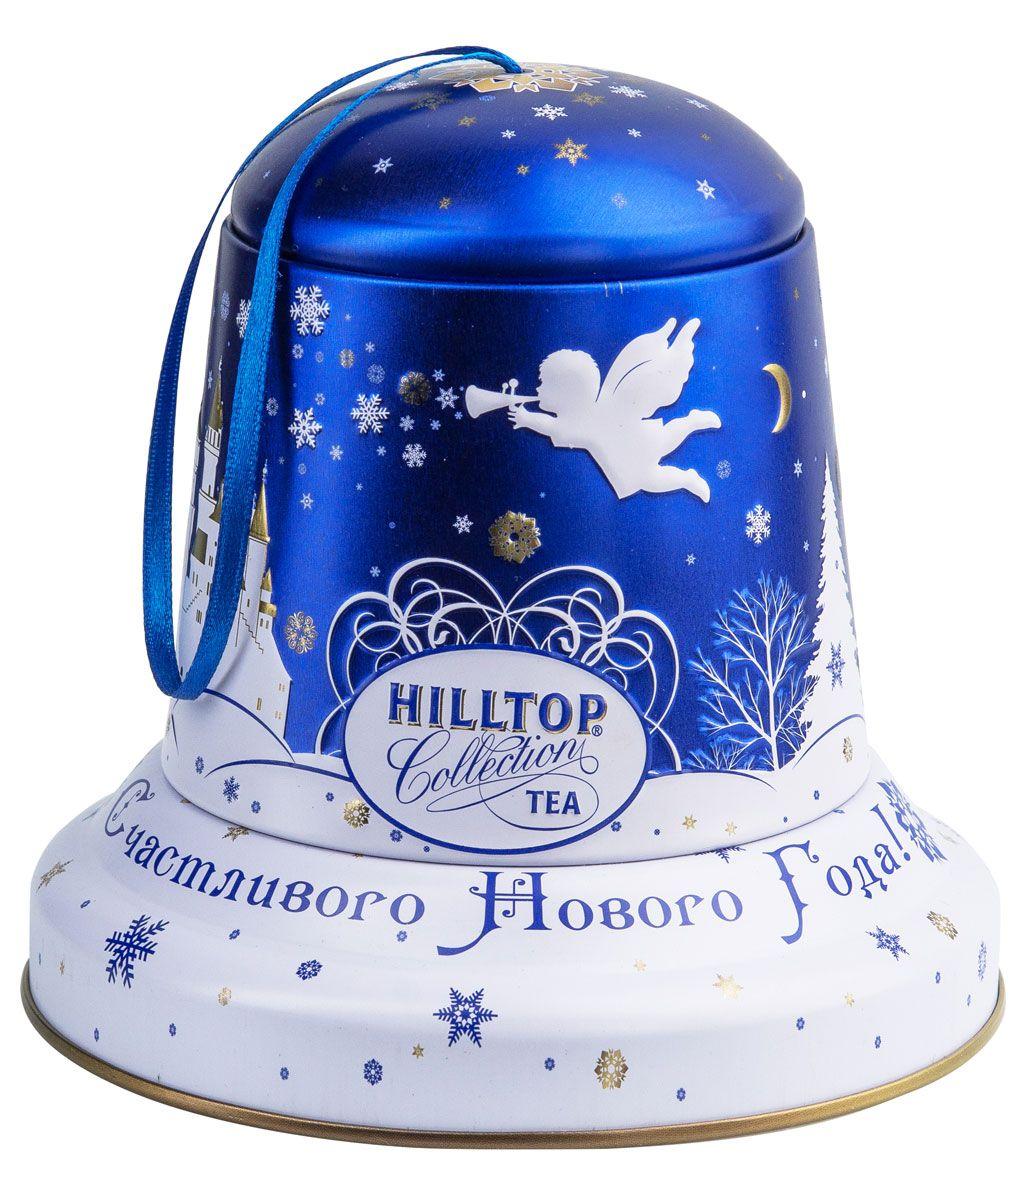 Hilltop Снежный ангел чайный набор, 100 г4607099304468Подарочная упаковка чая Hilltop Снежный ангелпослужит великолепным украшением вашего дома в новогодние праздники! Благодаря необычному дизайну в виде елочной игрушки - колокольчика коробку можно повесить прямо на новогоднюю елку. Внутри вы найдете благородный китайский чёрный чай Чёрное золото, сочетающий утонченный древесный аромат с крепостью настоя и богатым вкусом с оттенком чернослива.